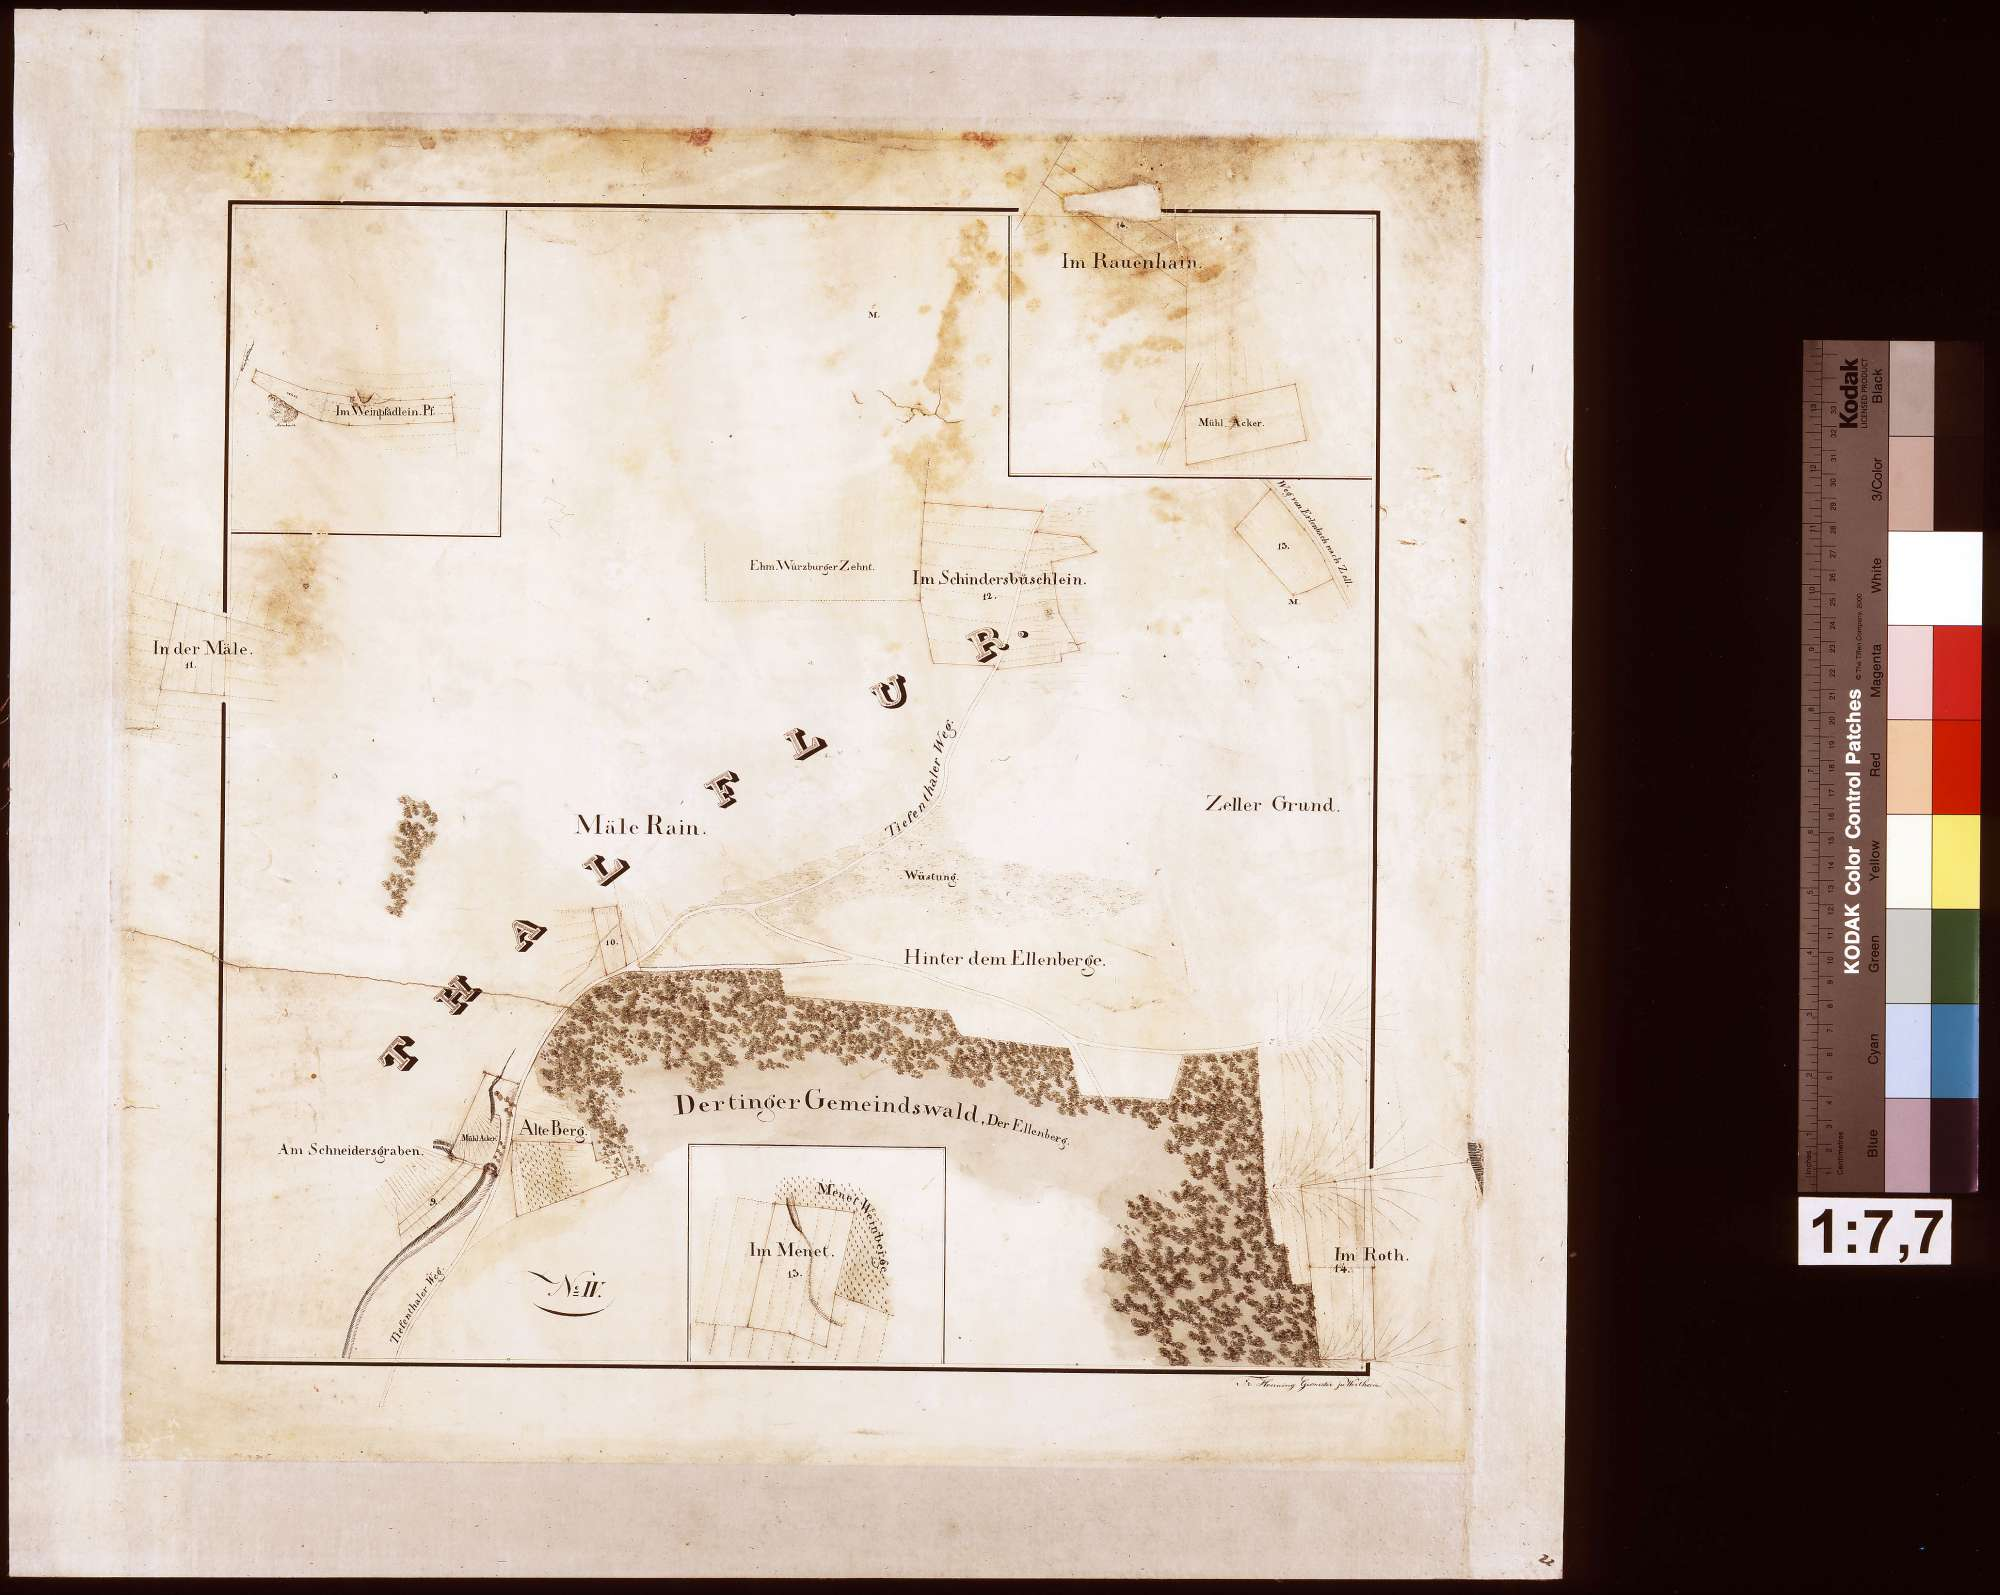 [Fluratlas gemeinherrschaftlicher Grundstücke auf Gemarkung Dertingen] Blatt No. IV (Hauptkarte mit 3 Nebenkarten), Bild 1